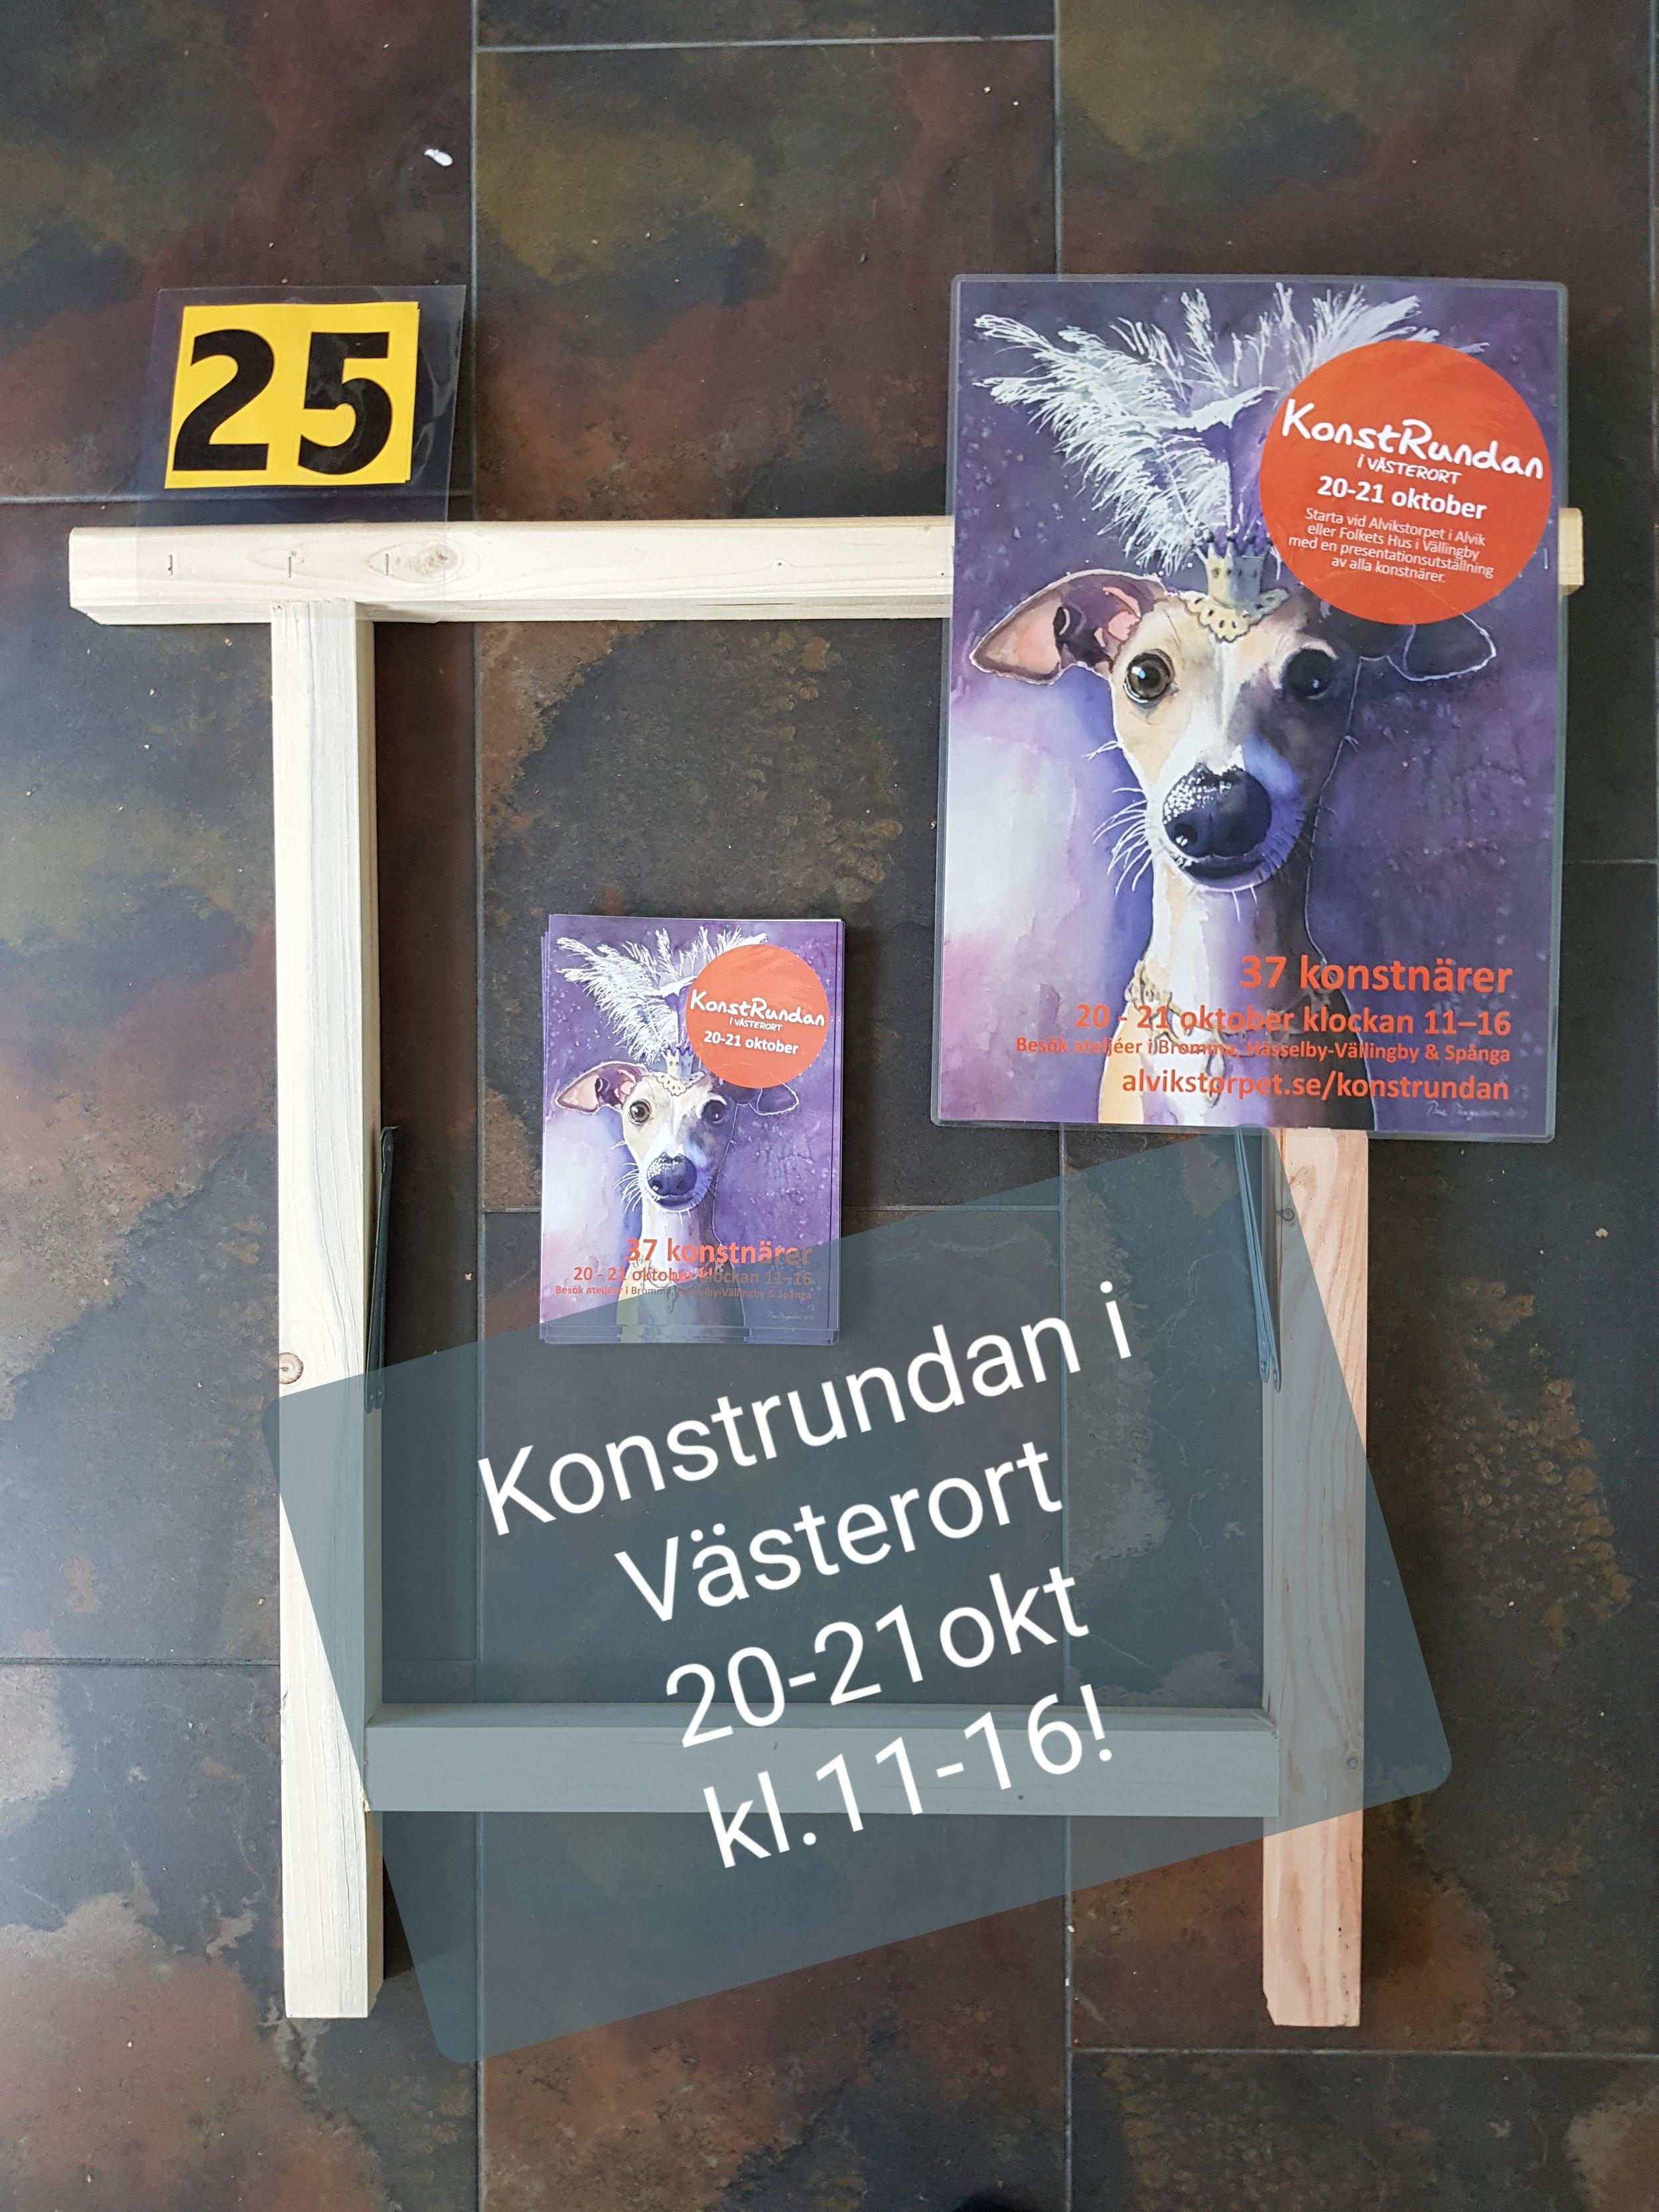 Jag deltar i år i Konstrundan i Västerort, 20-21 oktober, kl.11-16 båda dagarna.